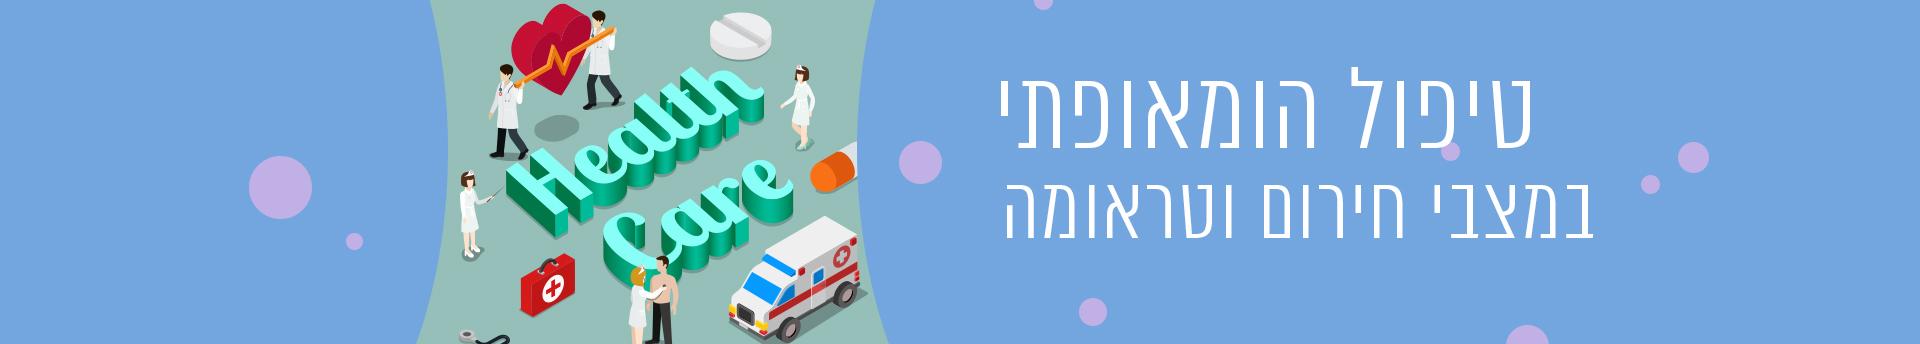 טיפול הומאופתי במצבי חירום וטראומה -SLIDER